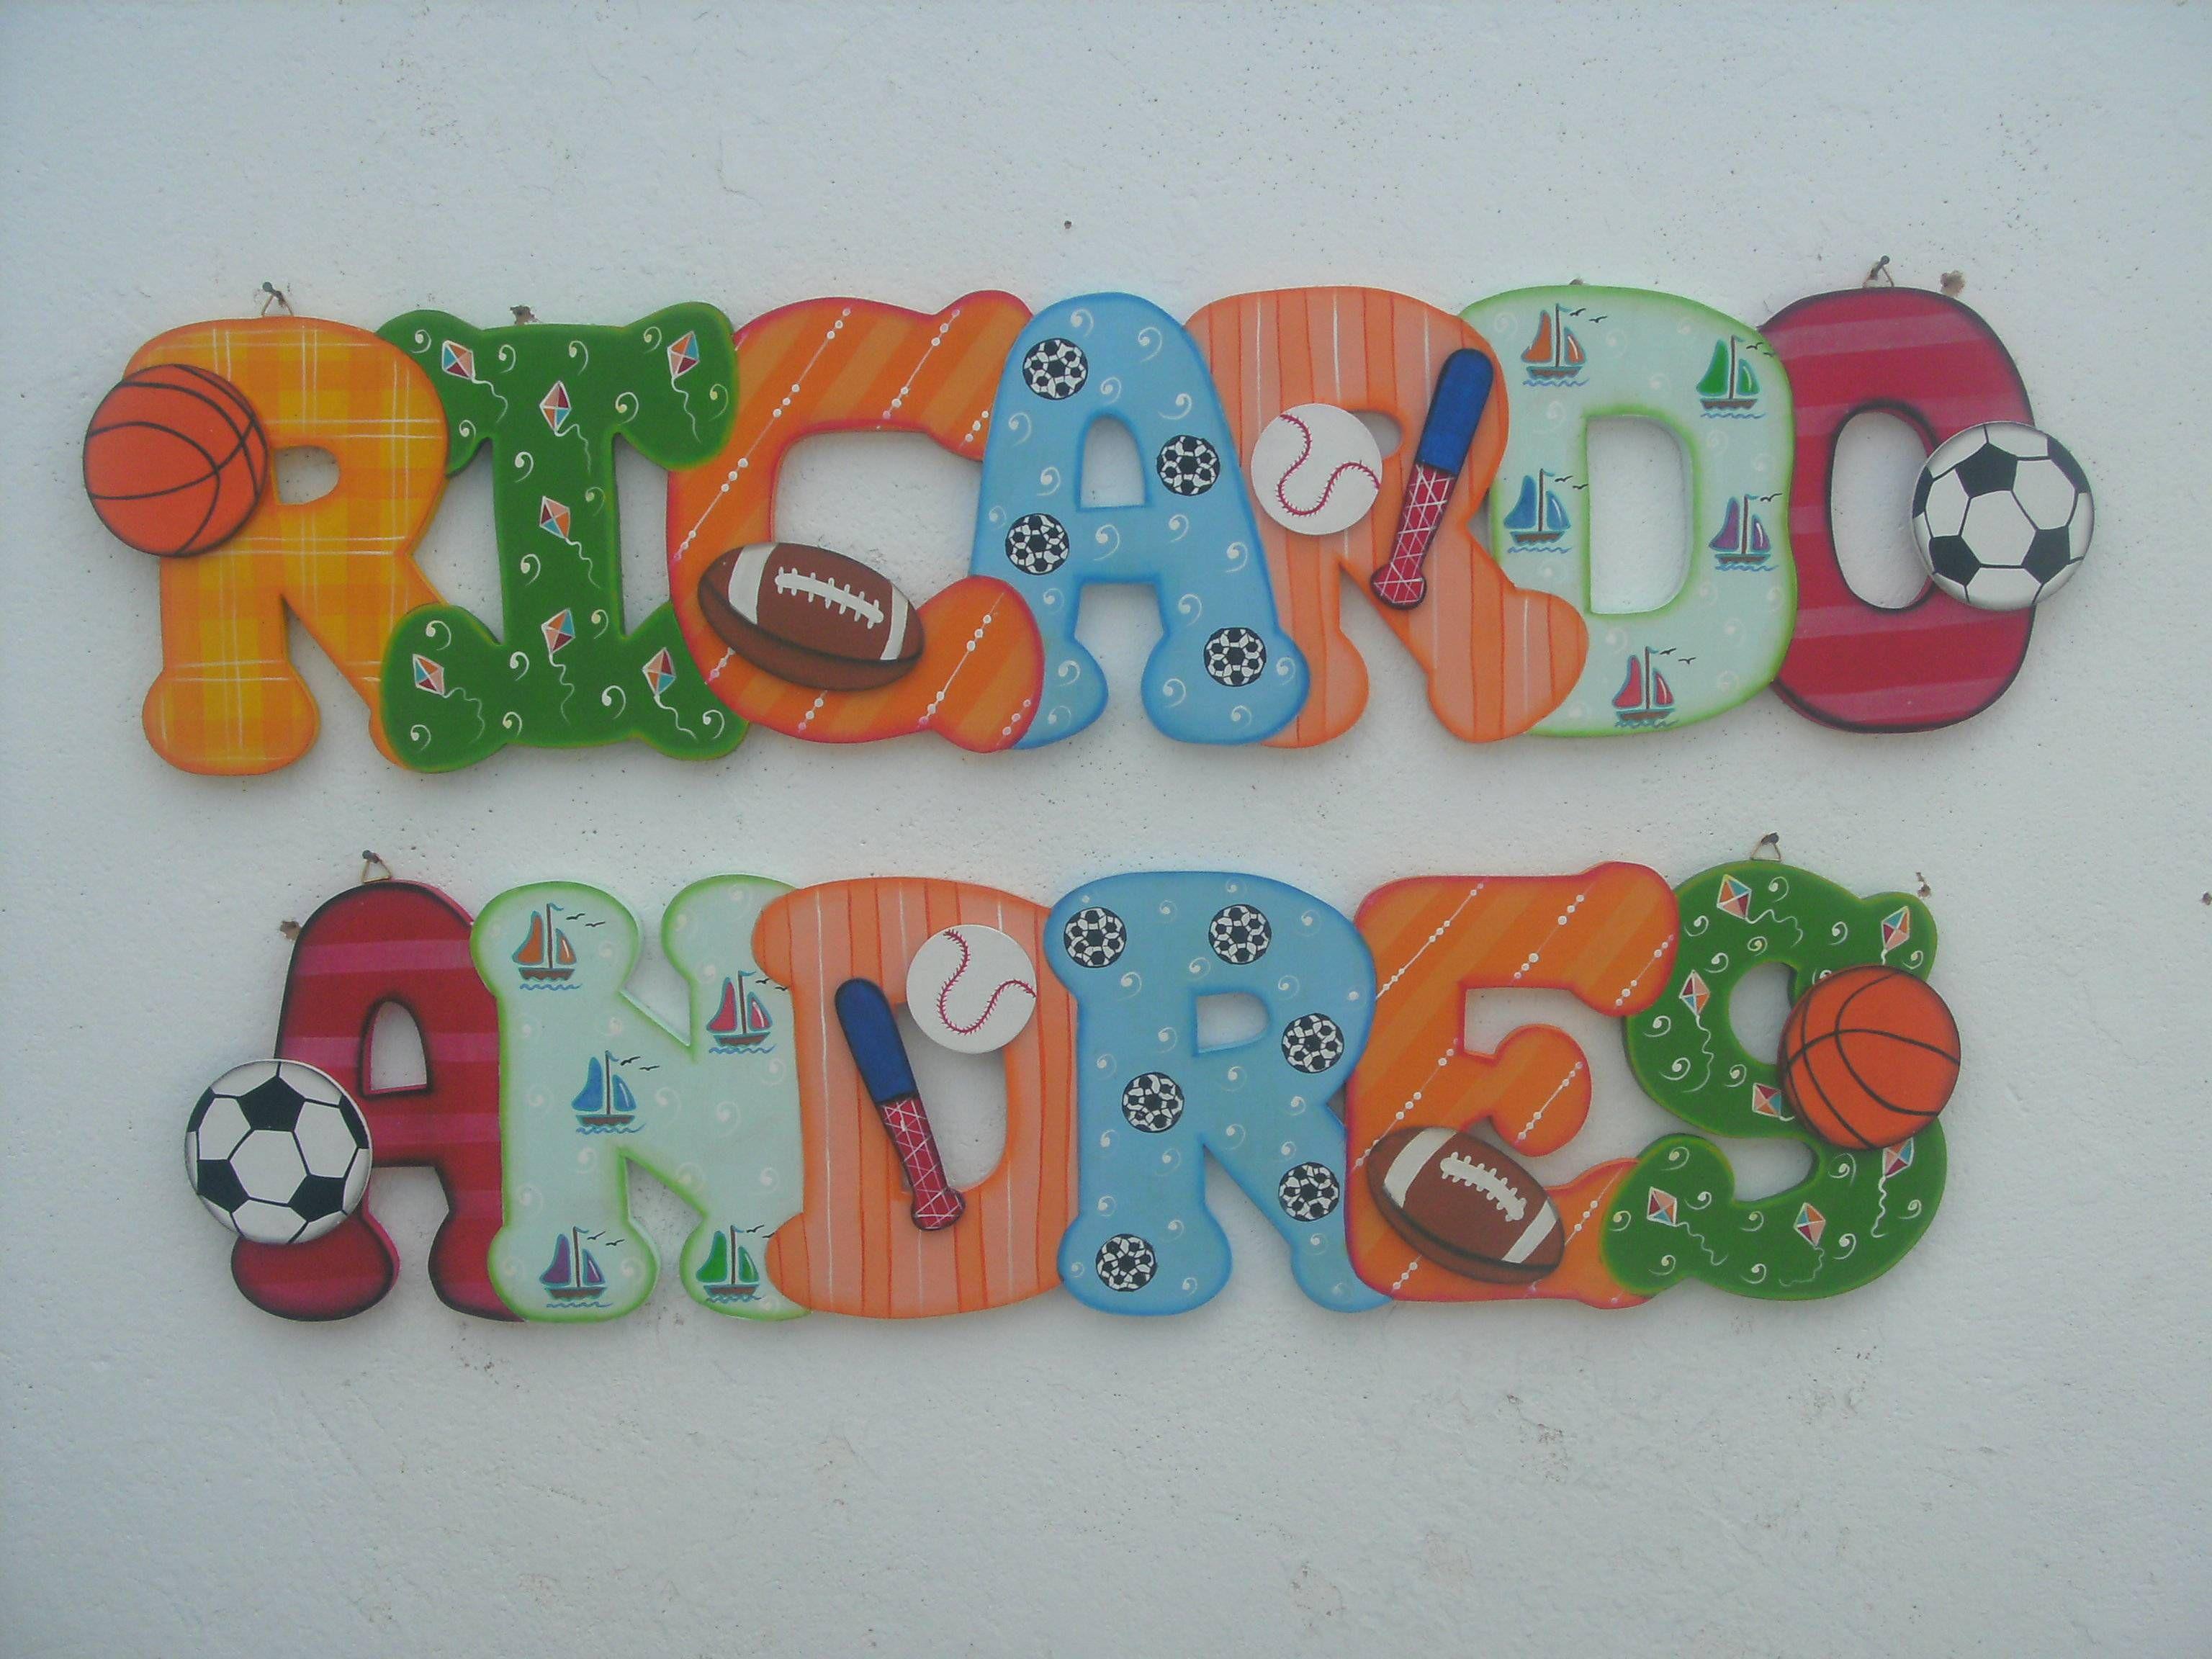 Letras para decoracion baby shower buscar con google - Letras de decoracion ...